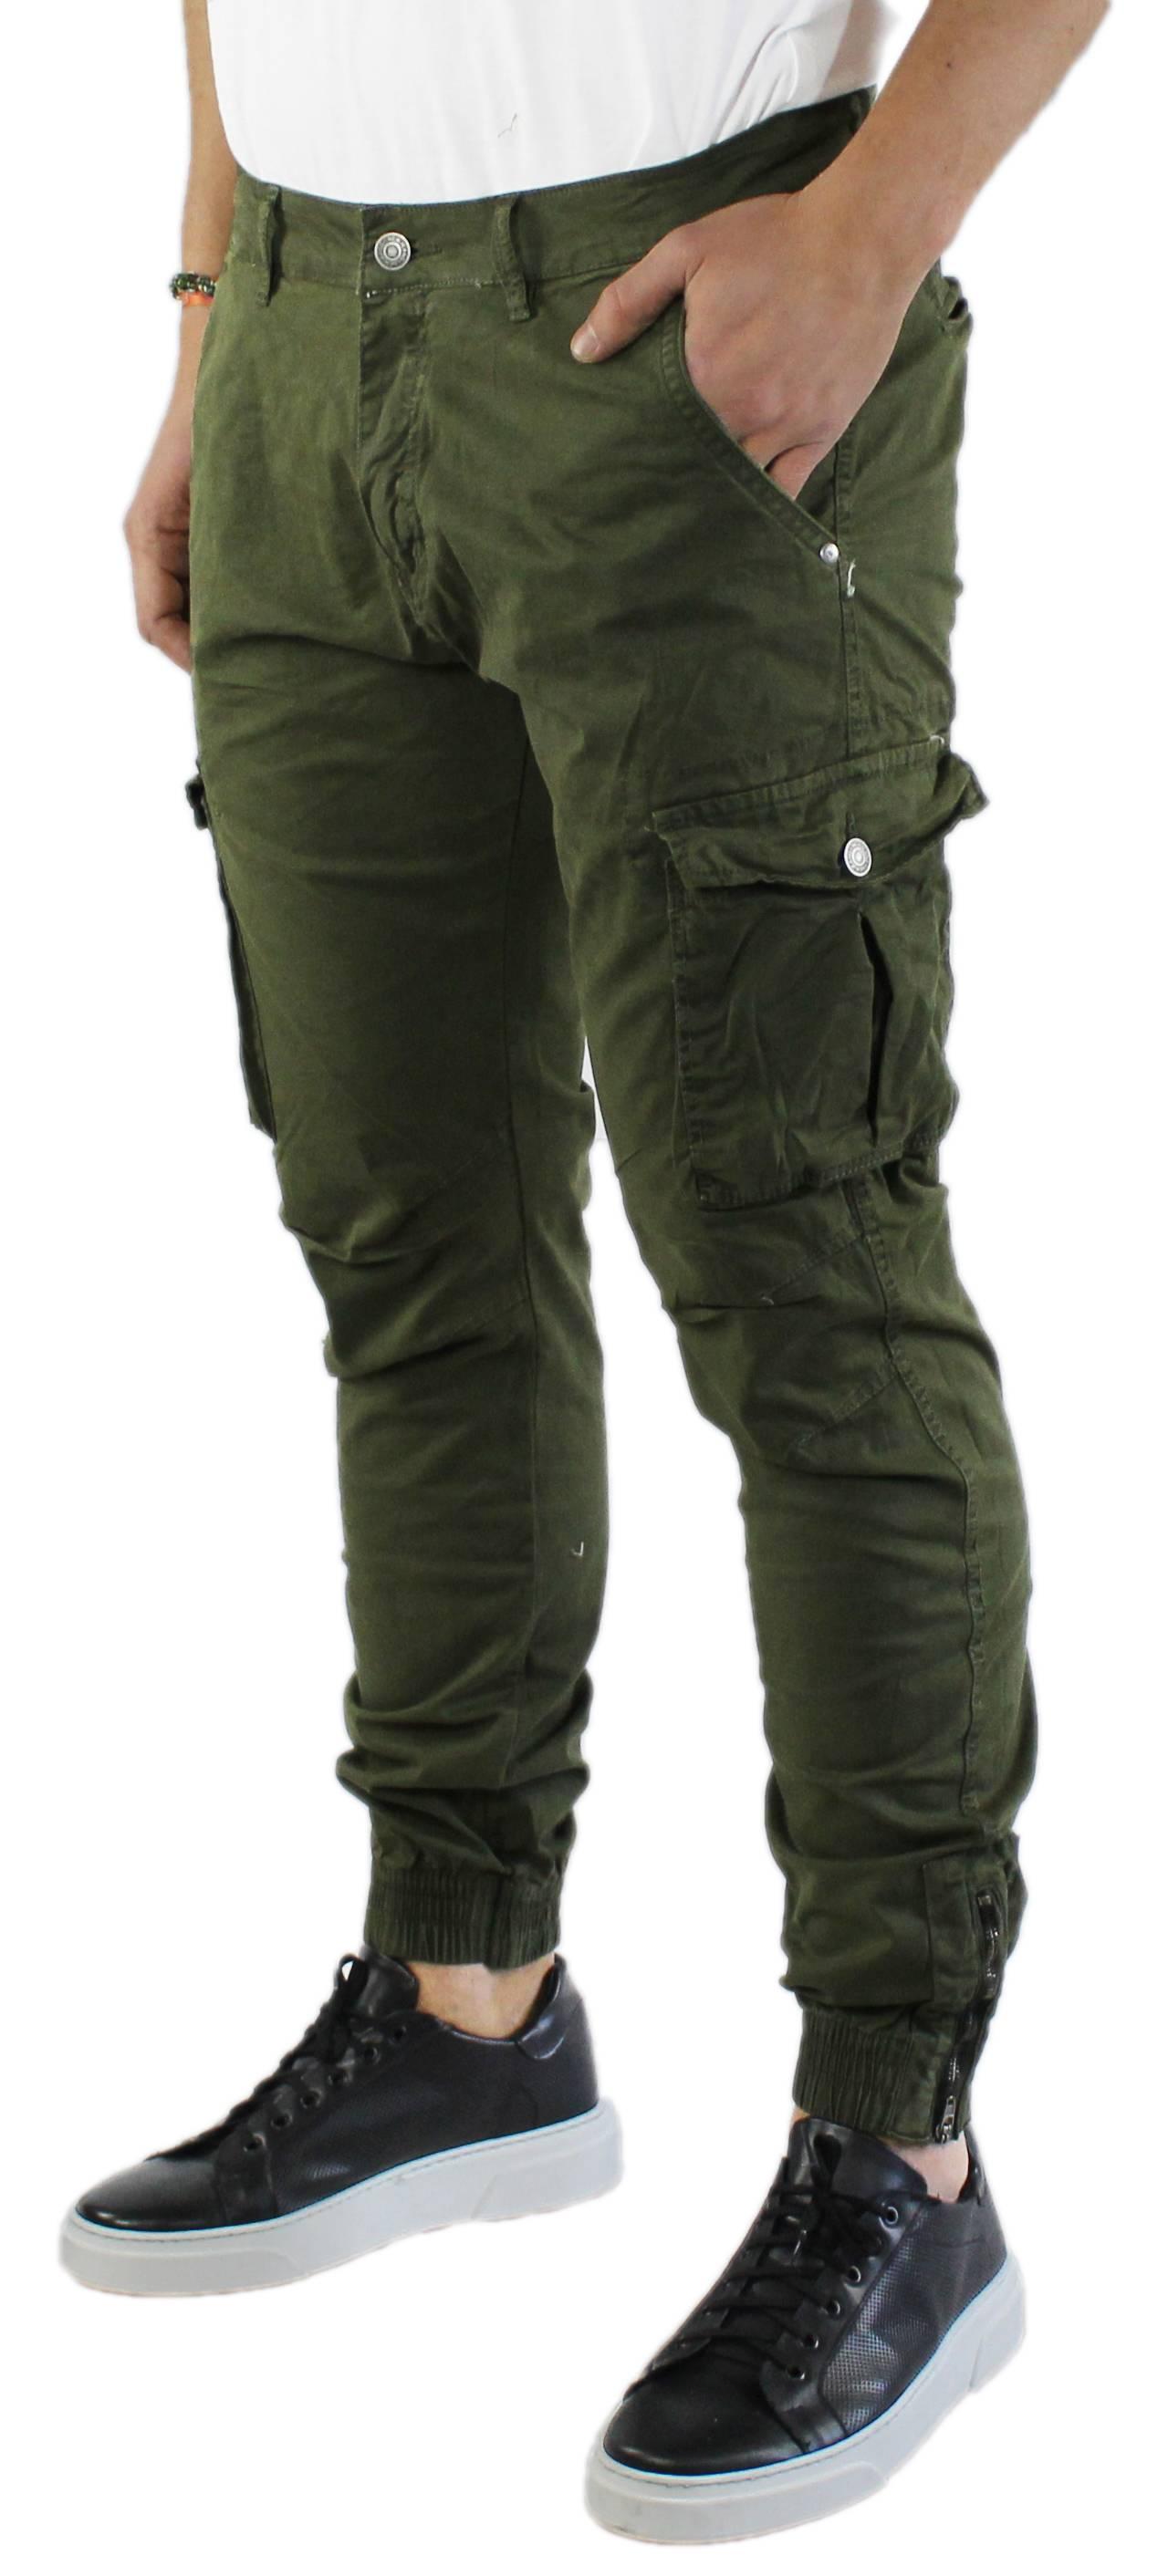 Pantaloni-Uomo-Cargo-in-Cotone-Pantalone-Tasconi-Laterali-Slim-Fit-Leggero miniatura 8